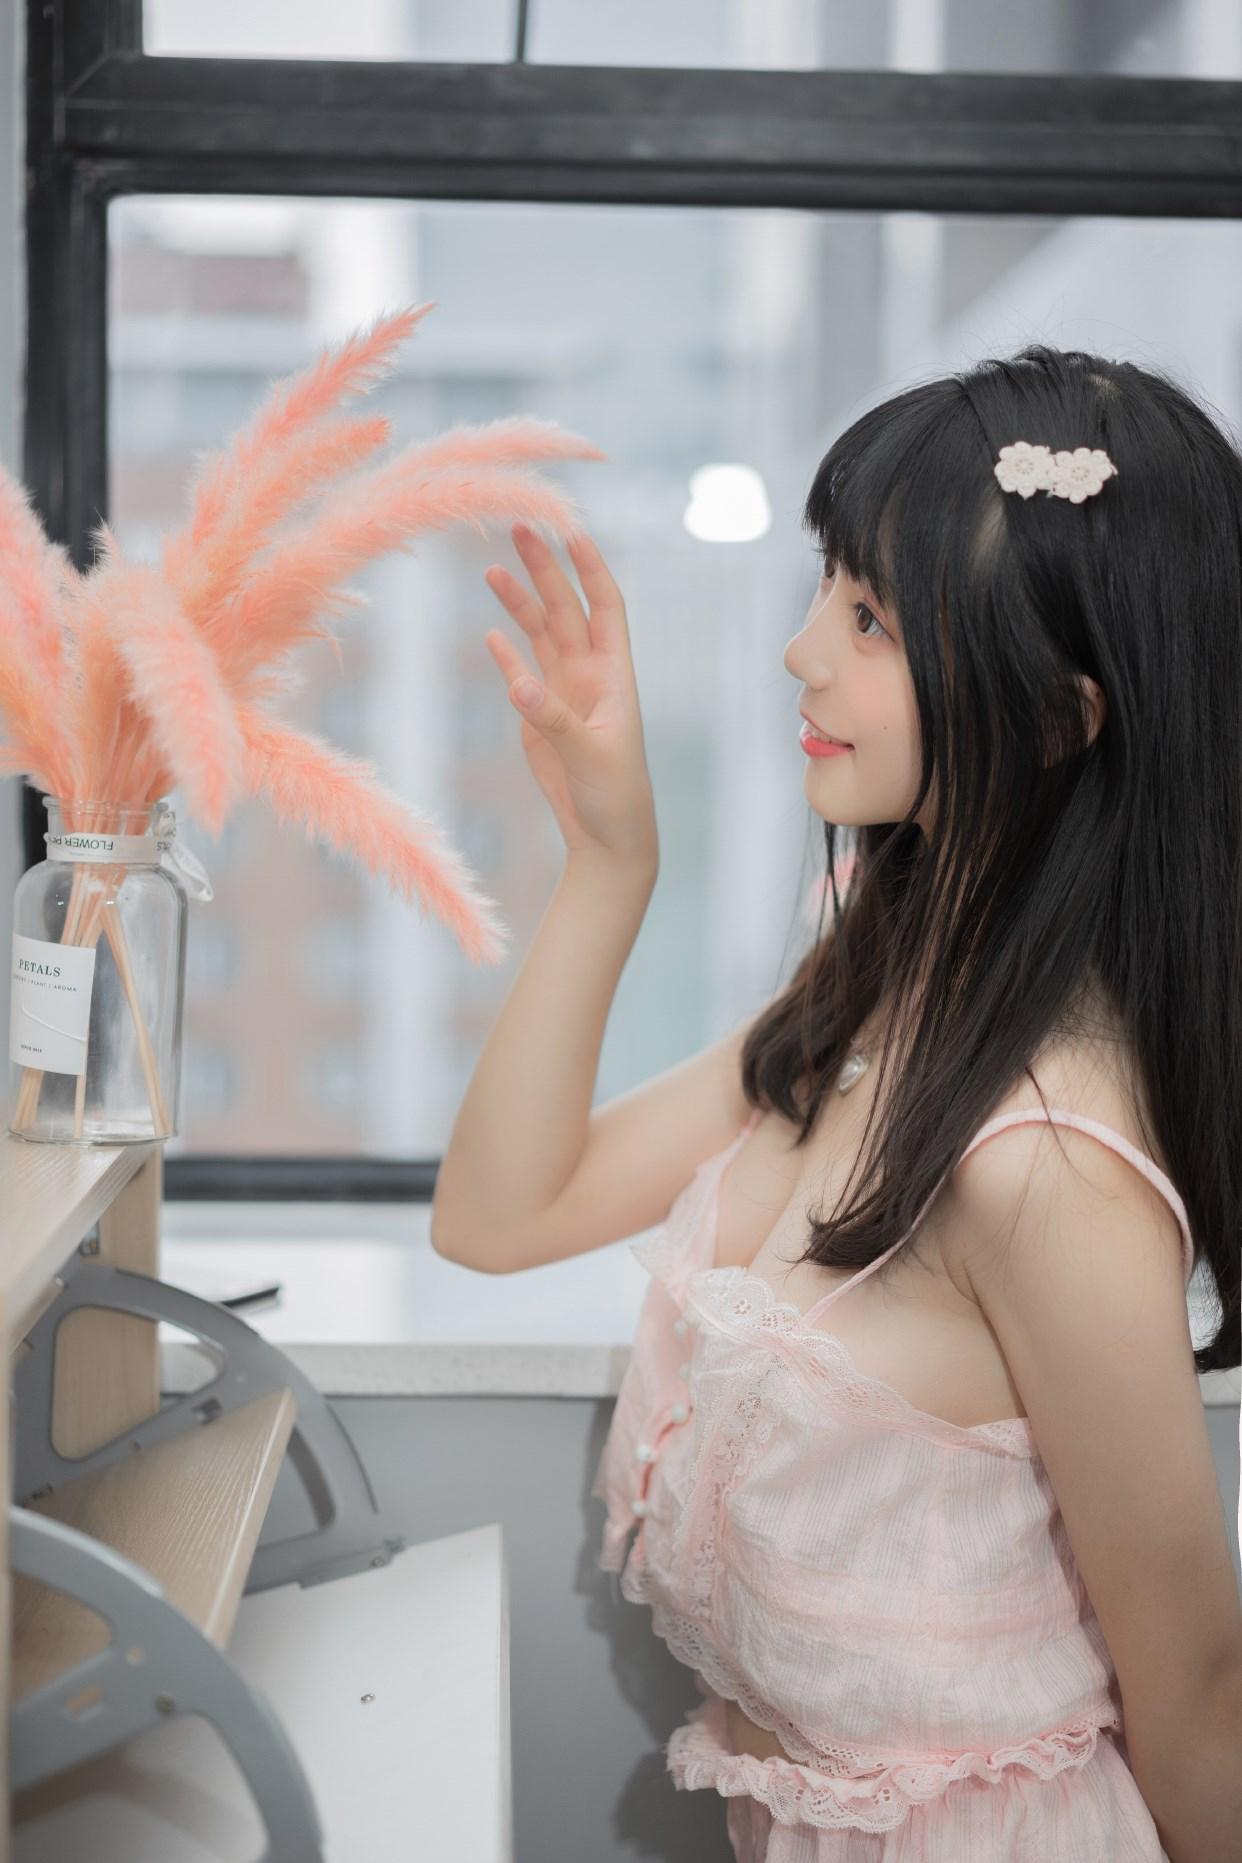 【兔玩映画】vol.10-睡衣女友 兔玩映画 第39张